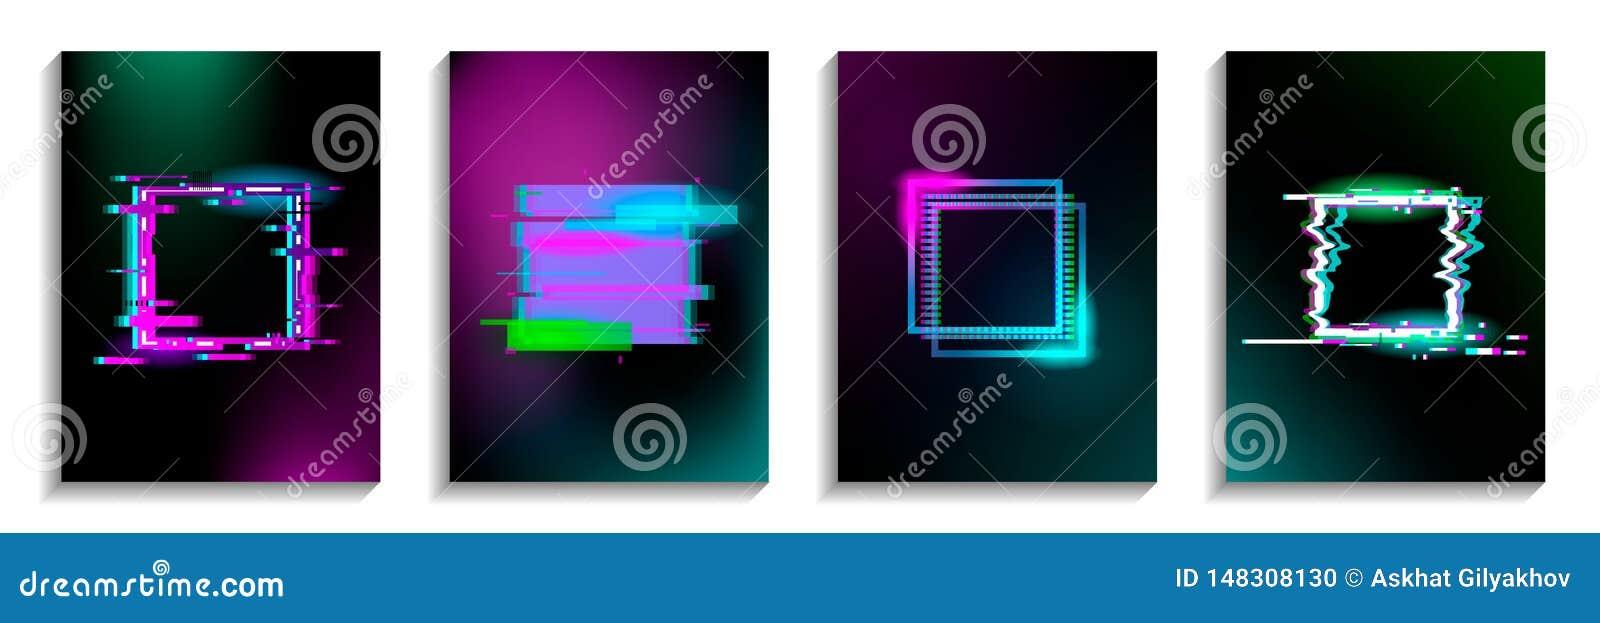 Metta dei quadrati di impulso errato con effetto al neon Progettazione per le carte, inviti, coperture, insegne, alette di filato